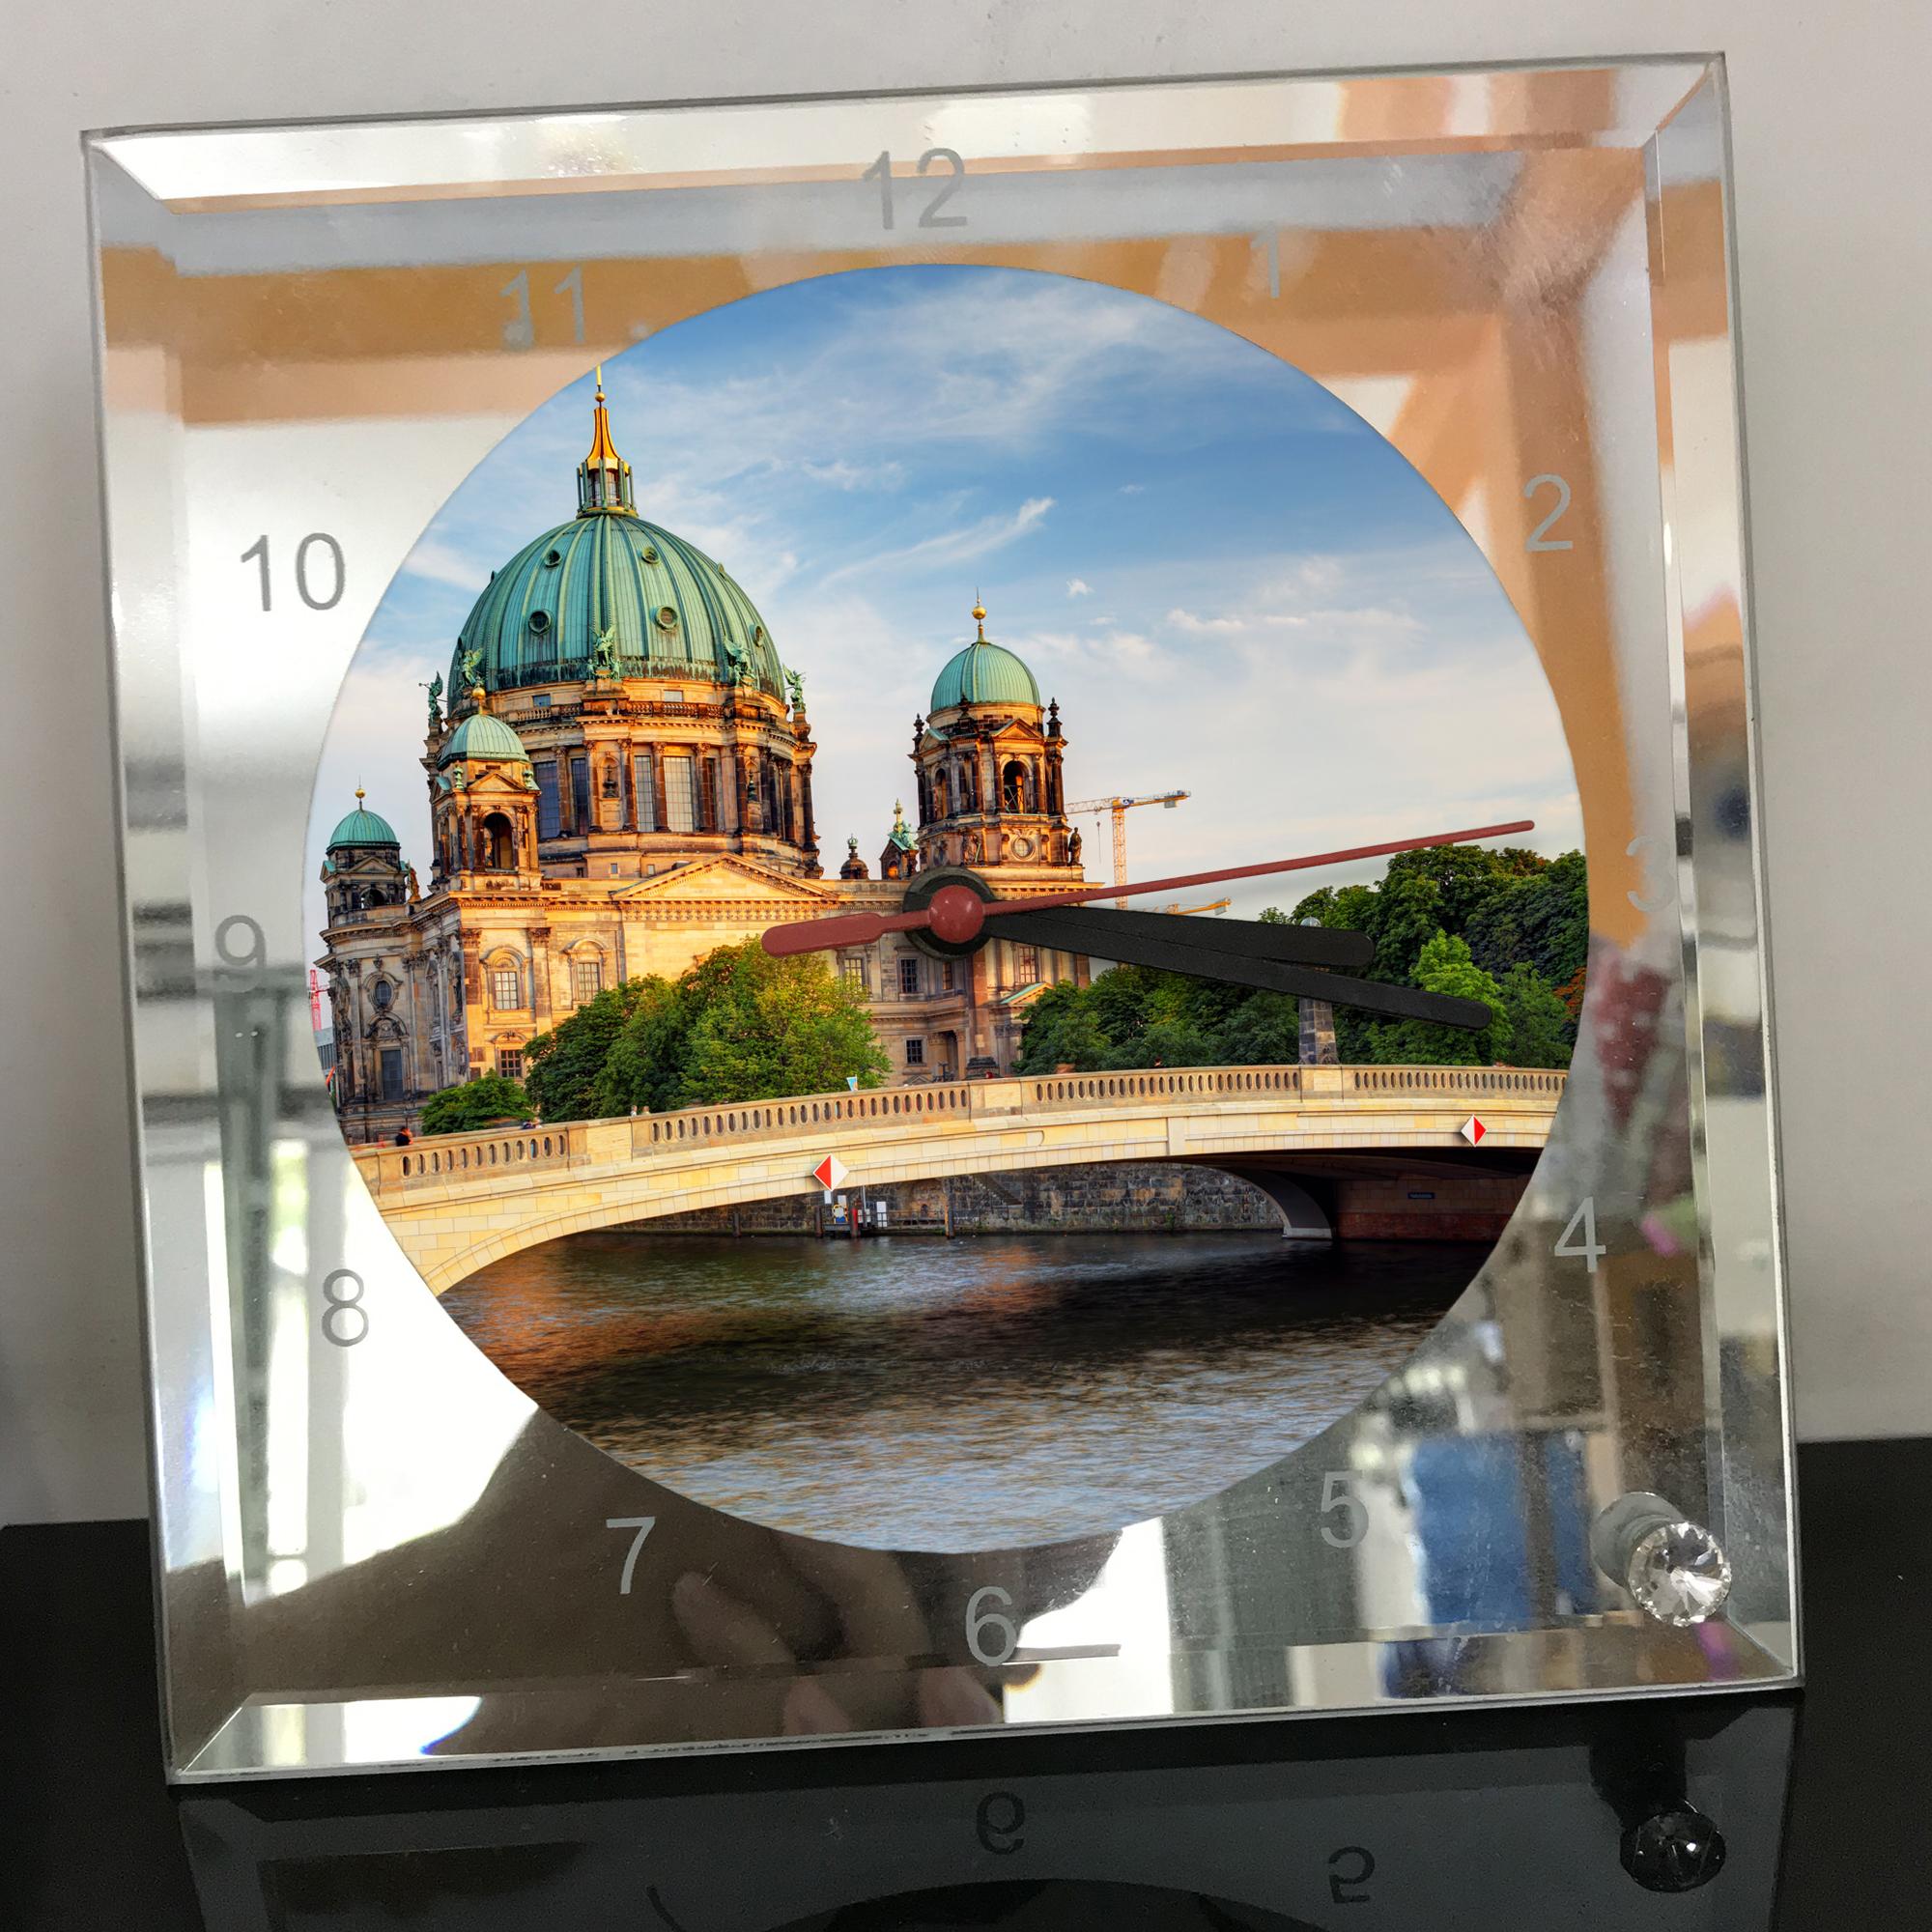 Đồng hồ thủy tinh vuông 20x20 in hình Berlin Cathedral - nhà thờ chính tòa Berlin (3) . Đồng hồ thủy tinh để bàn trang trí đẹp chủ đề tôn giáo